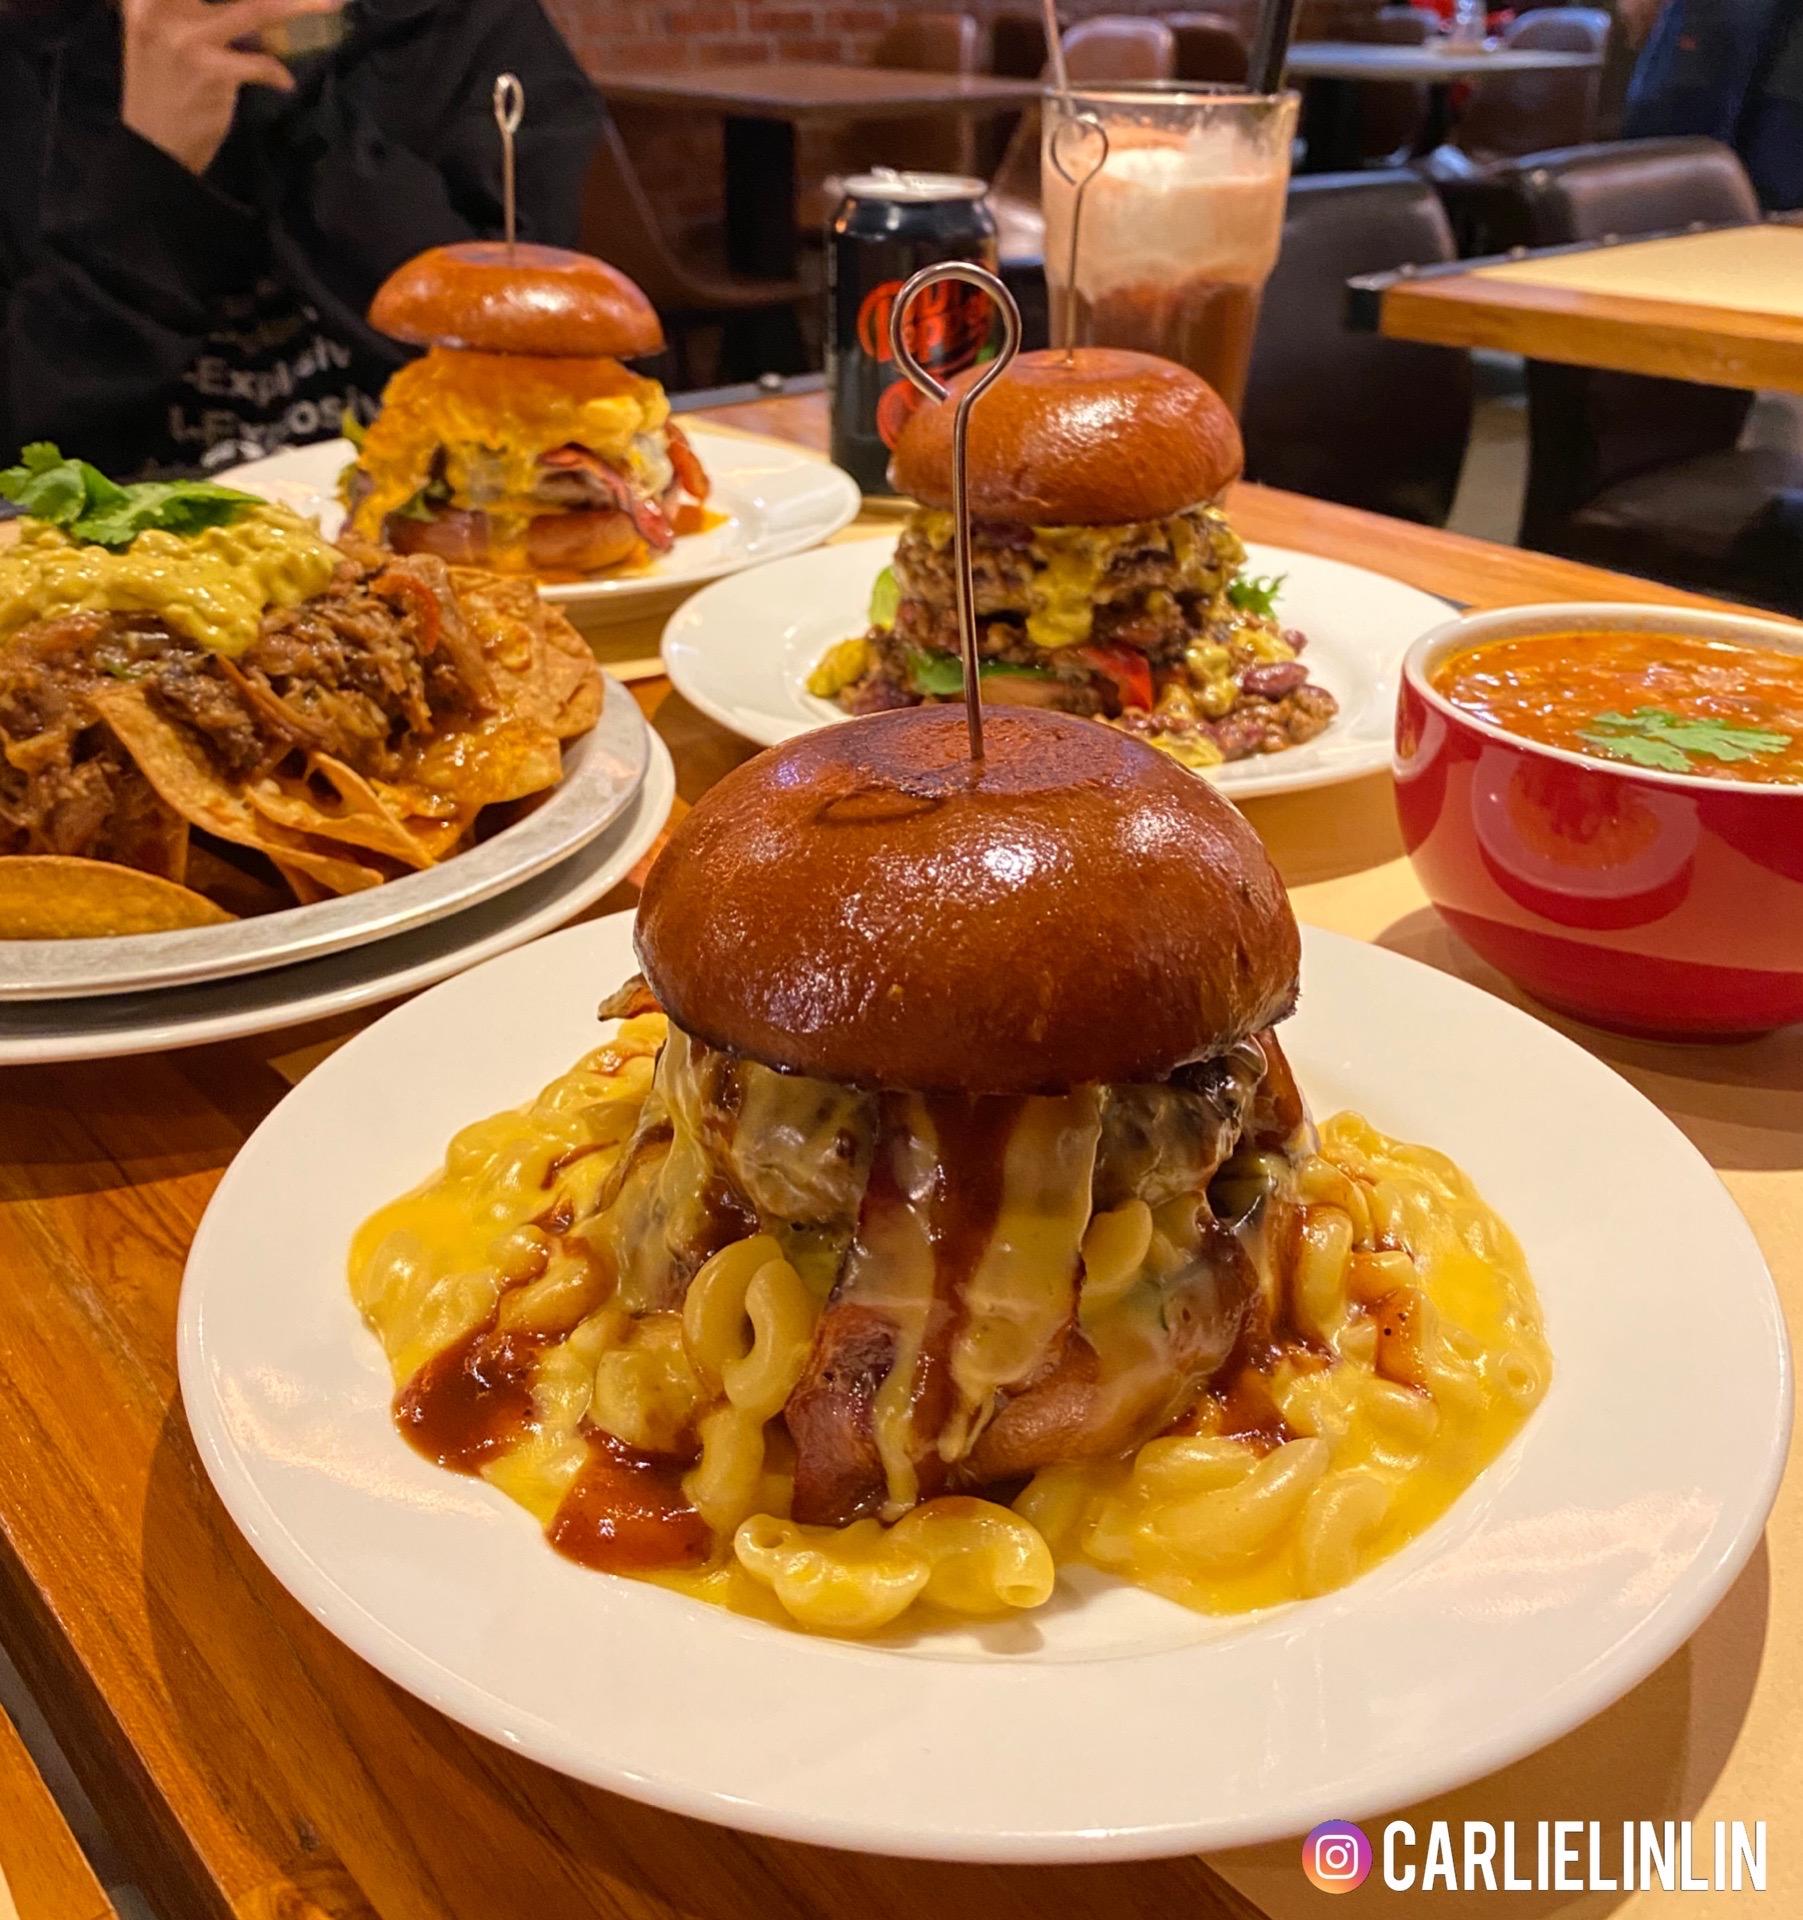 小0食記|北車京站美式漢堡|oldies burger 歐帝斯美墨餐廳|正統美式漢堡專賣店|手撕豬肉起司玉米片、海膽魚卵干貝漢堡、通心粉瀑布漢堡、漂浮櫻桃可樂